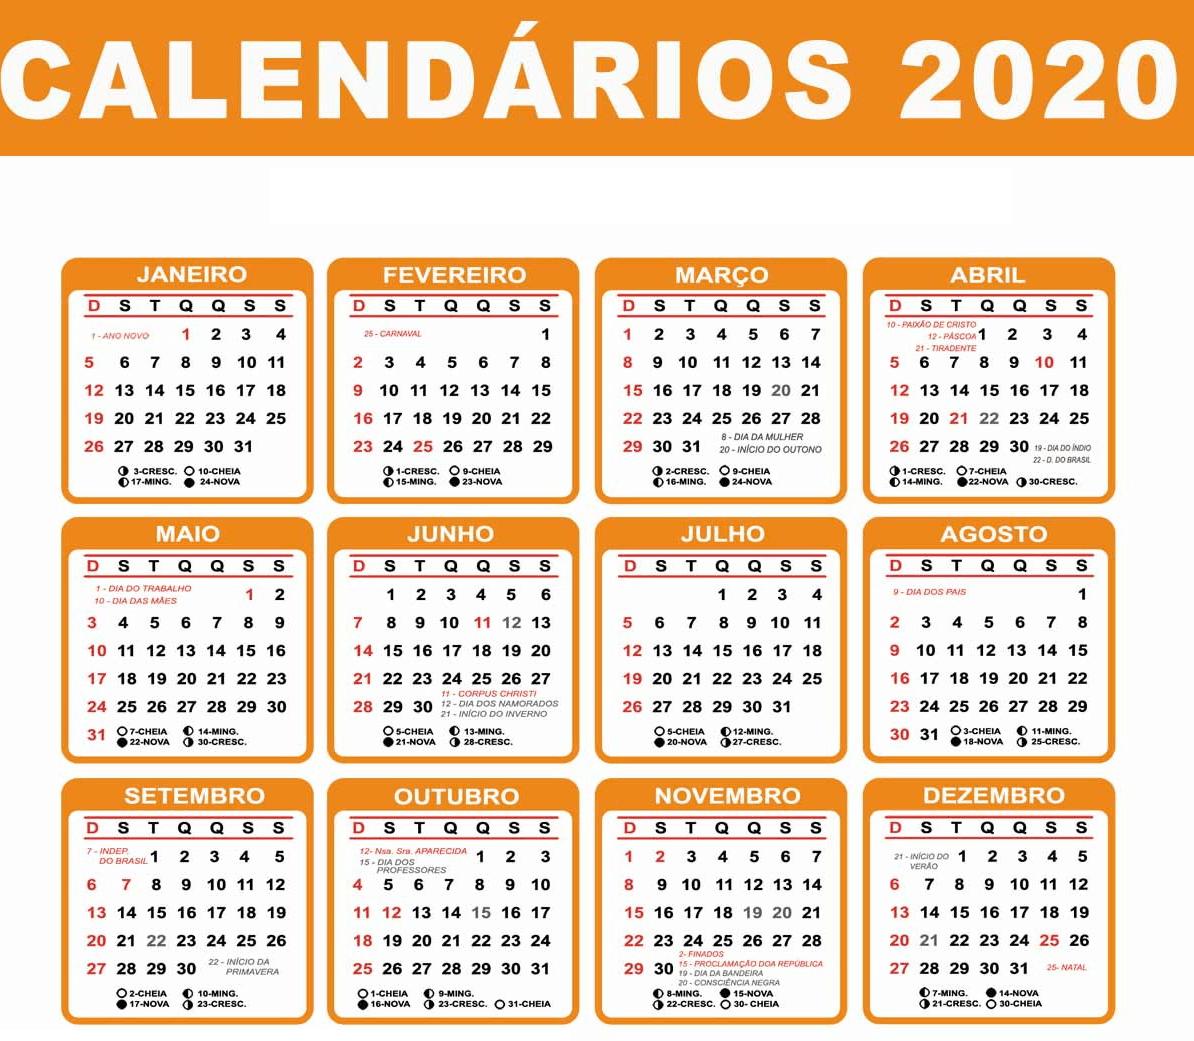 Calendário 2020 Word